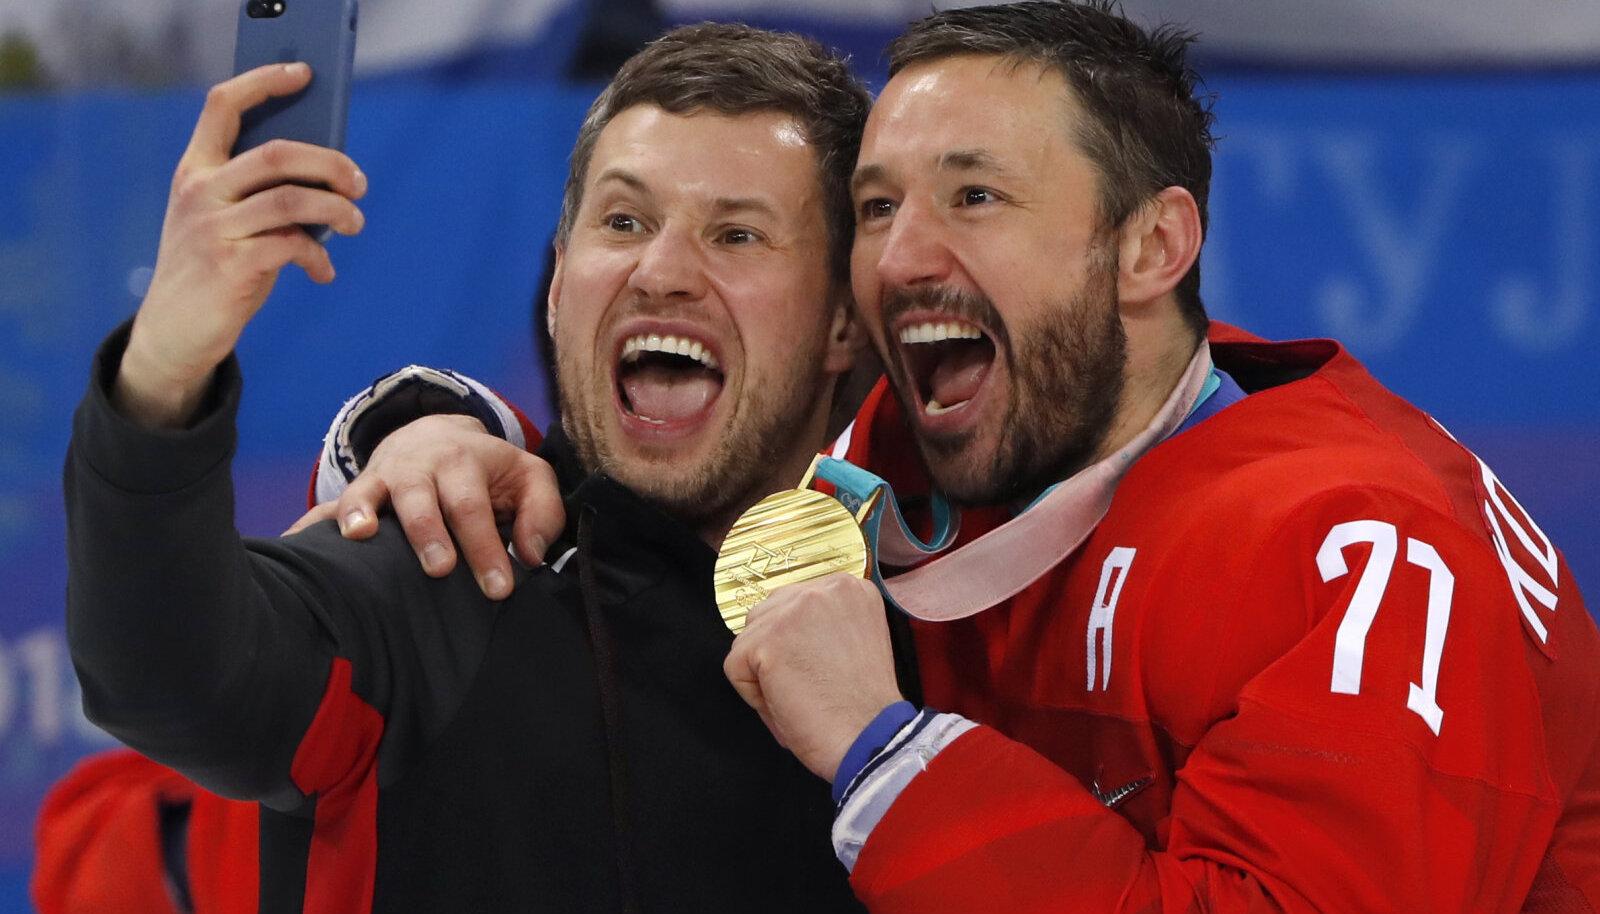 Jäähokitäht Ilja Kovaltšuk (paremal) tähistamas 2018. aasta olümpiamängude kuldmedalit.